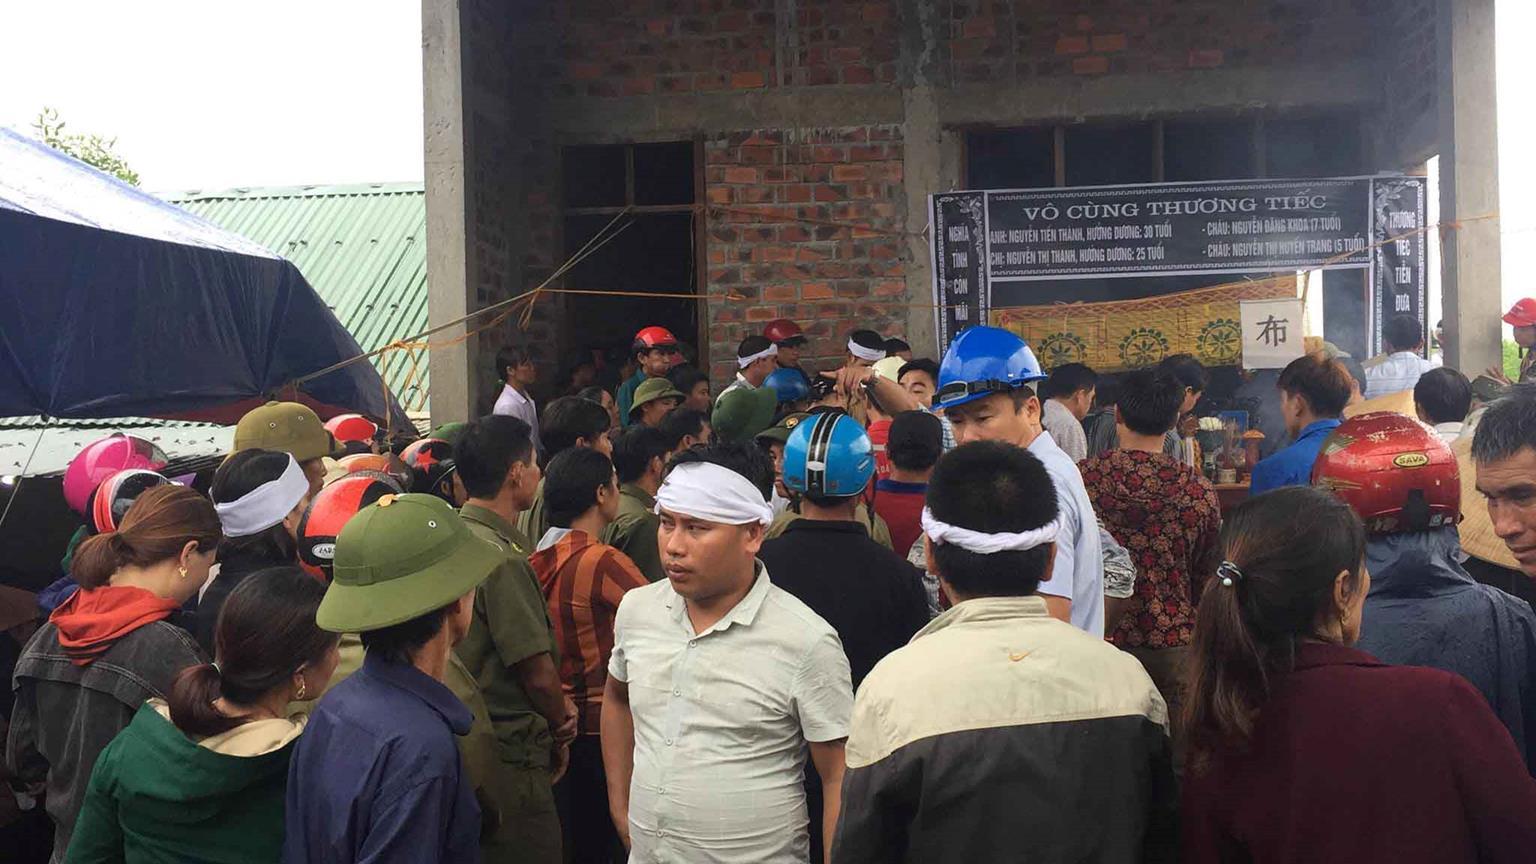 Vụ 4 người một nhà treo cổ tự tử ở Hà Tĩnh: Chủ nợ lên tiếng-3